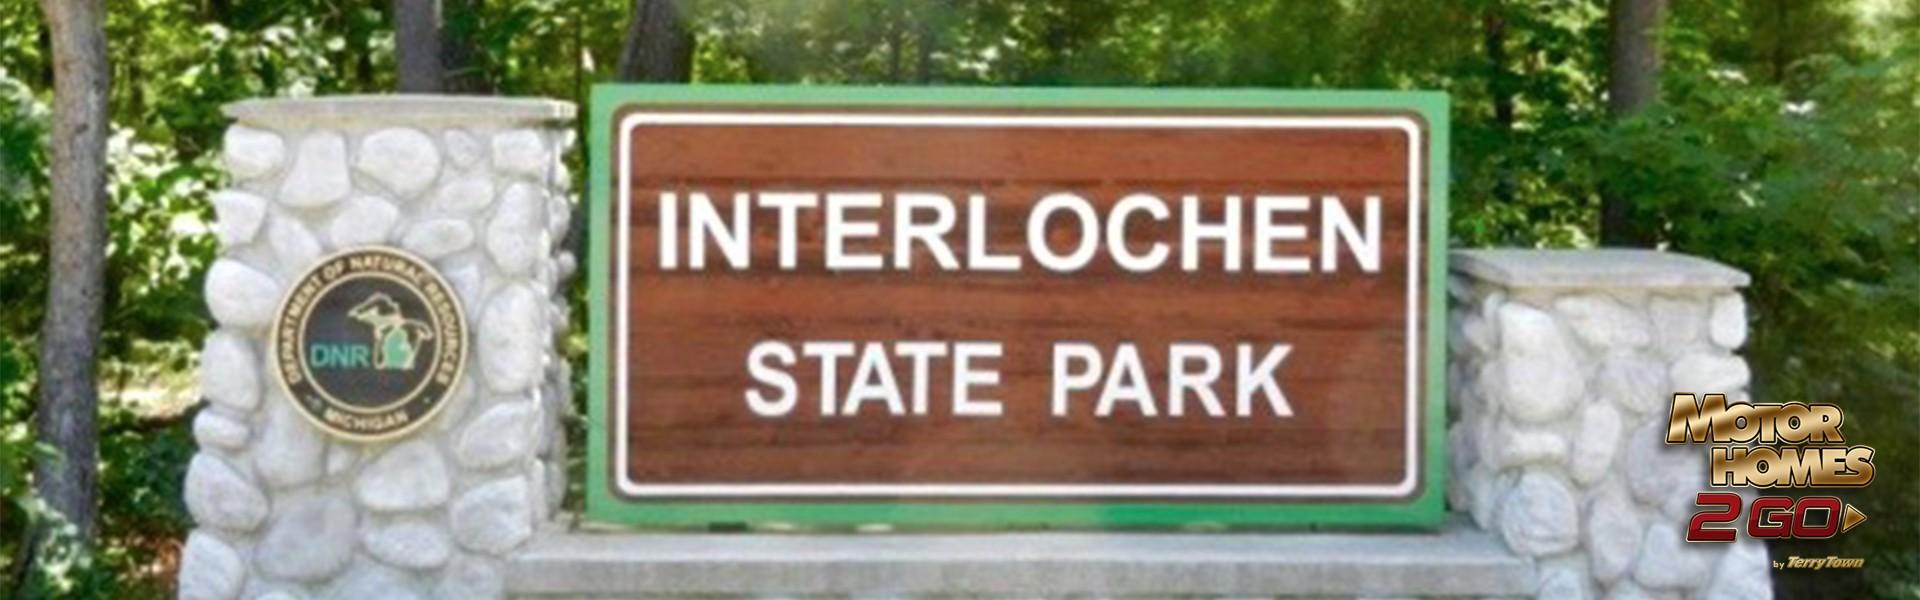 Interlochen State Park Banner